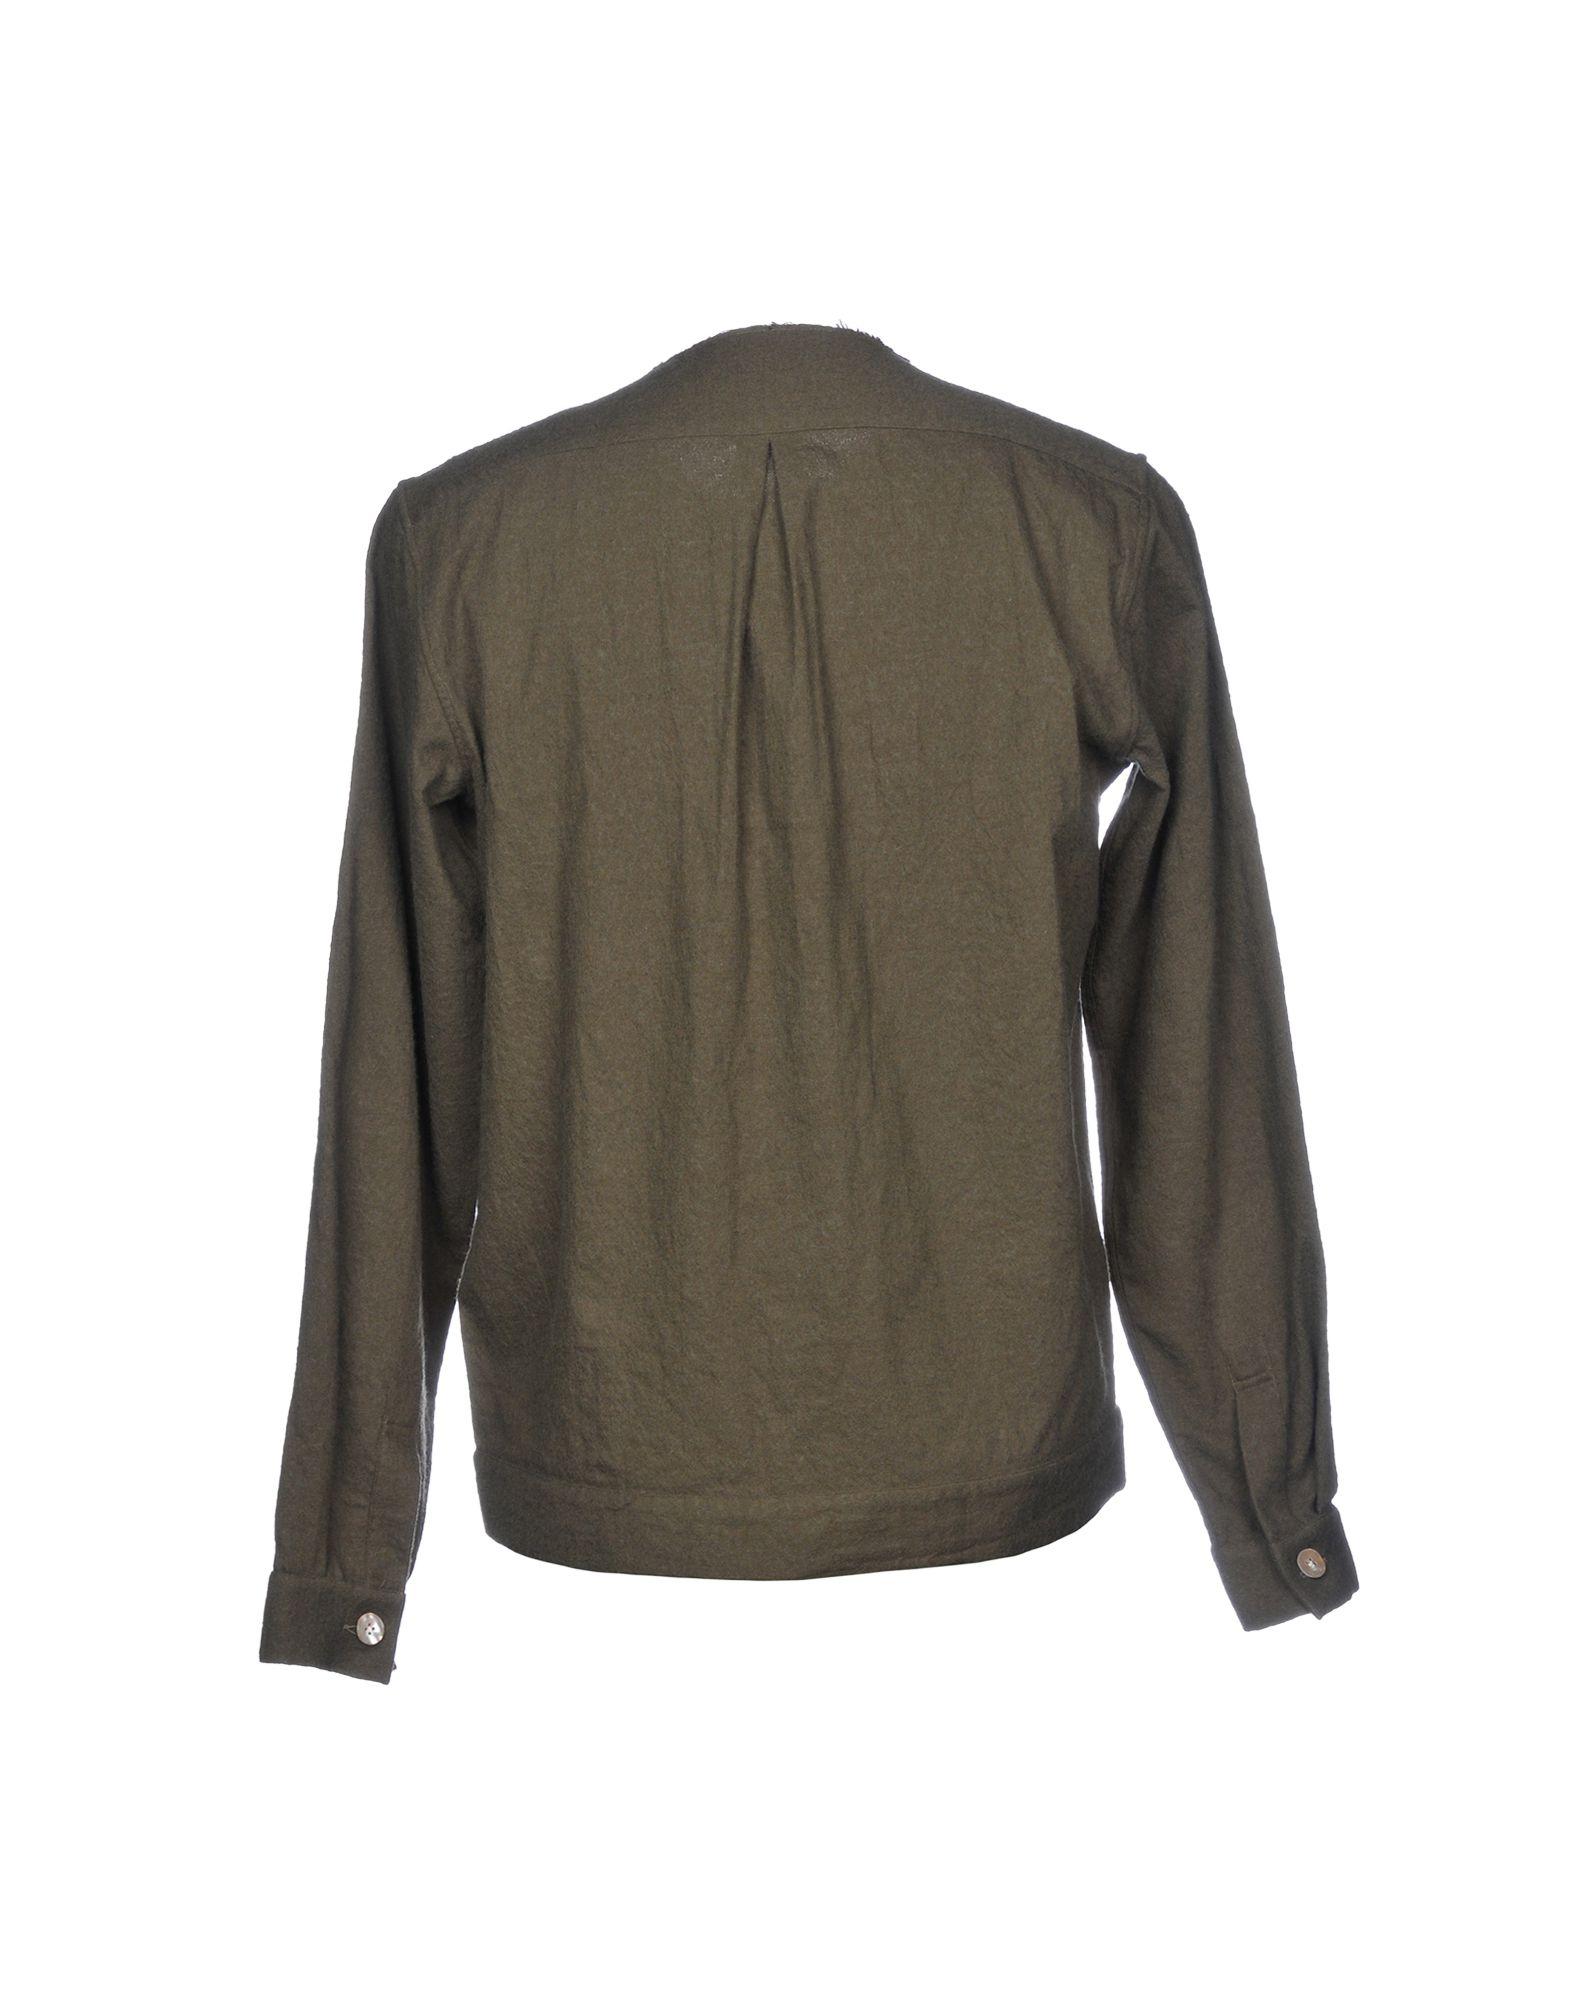 Camicia Tinta Tinta Tinta Unita Dnl Uomo - 38756862IB e4205a